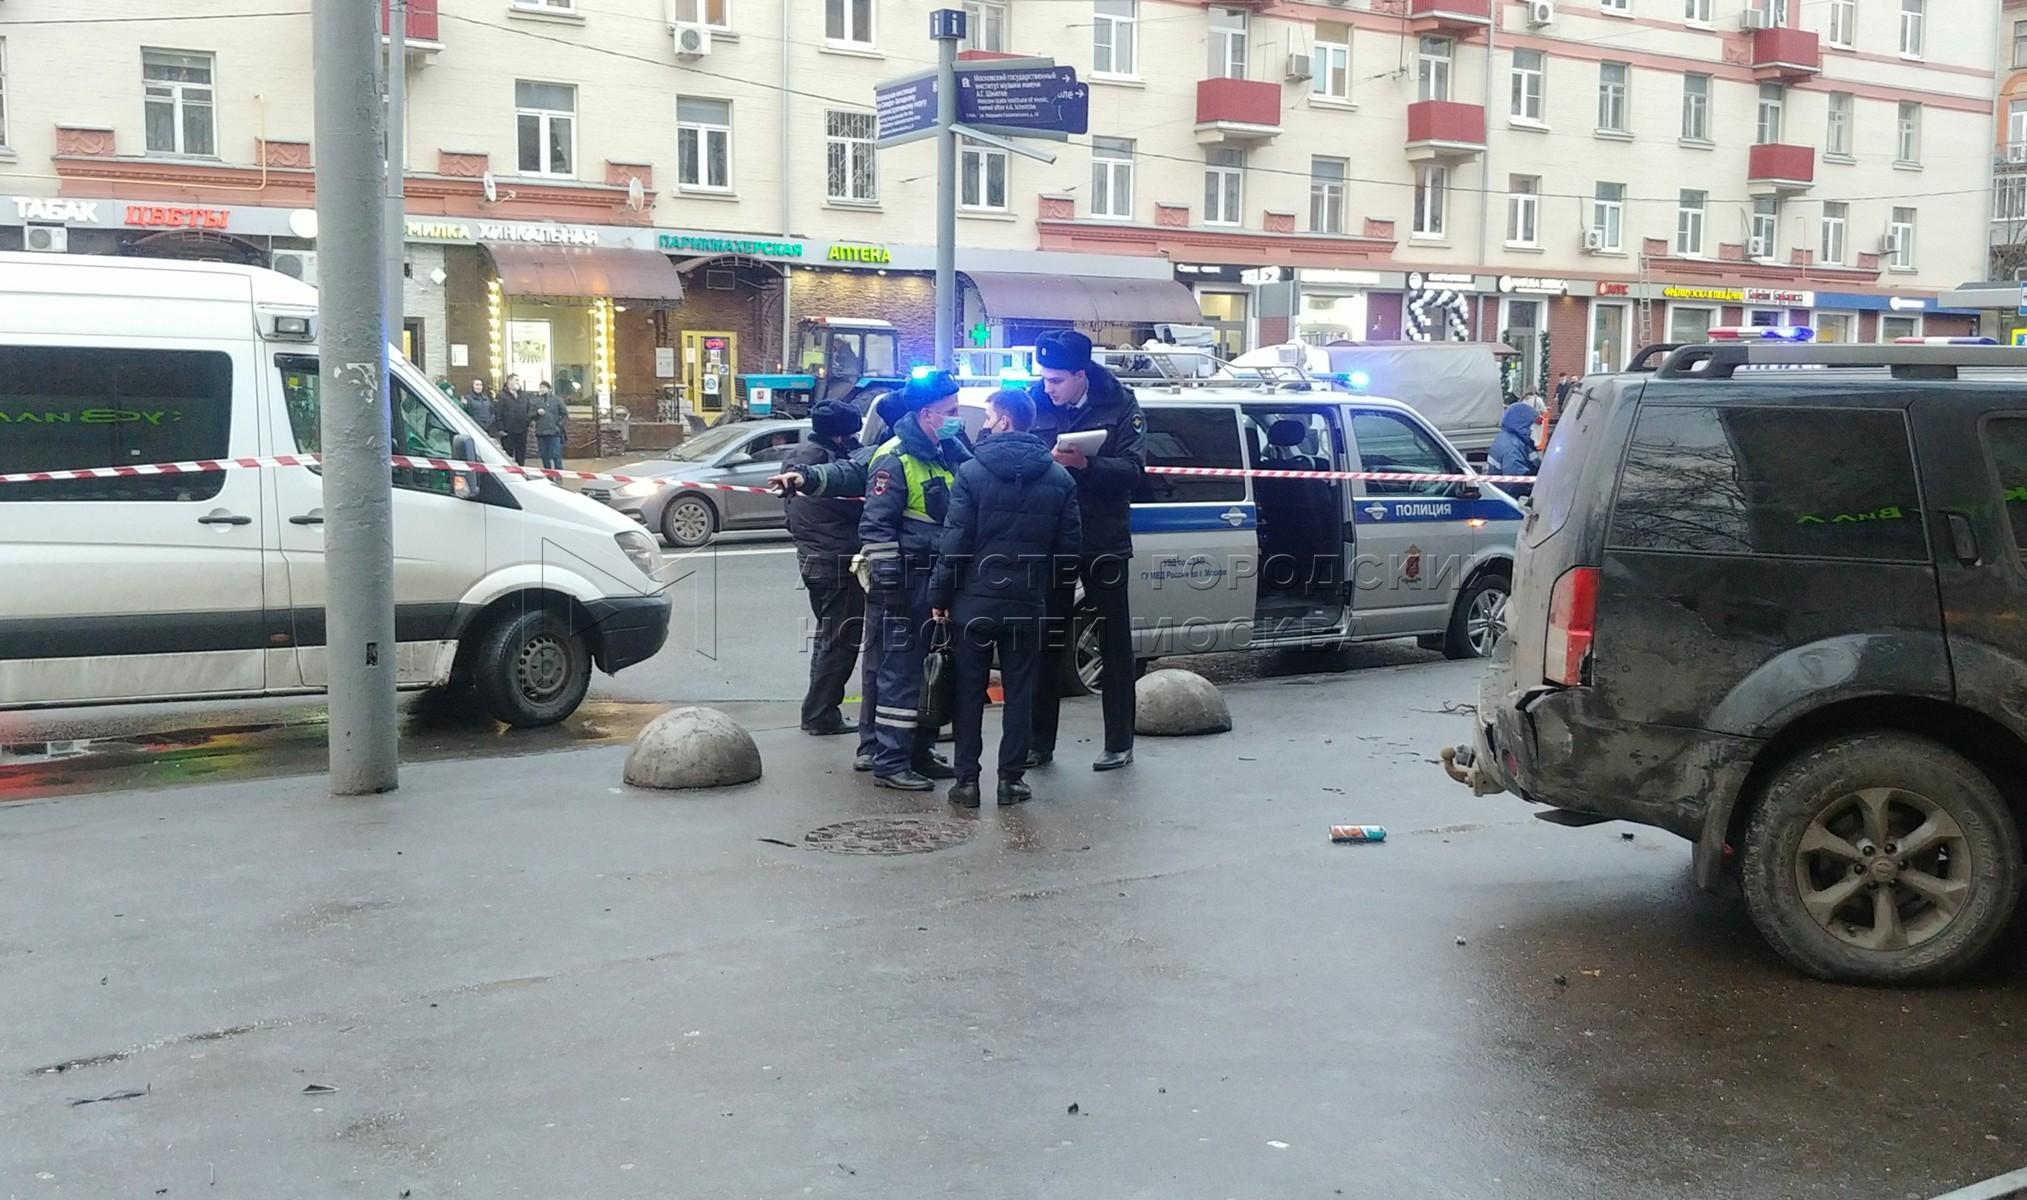 Последствия ДТП на северо-западе столицы, в результате которого погиб один пешеход и двое получили травмы.